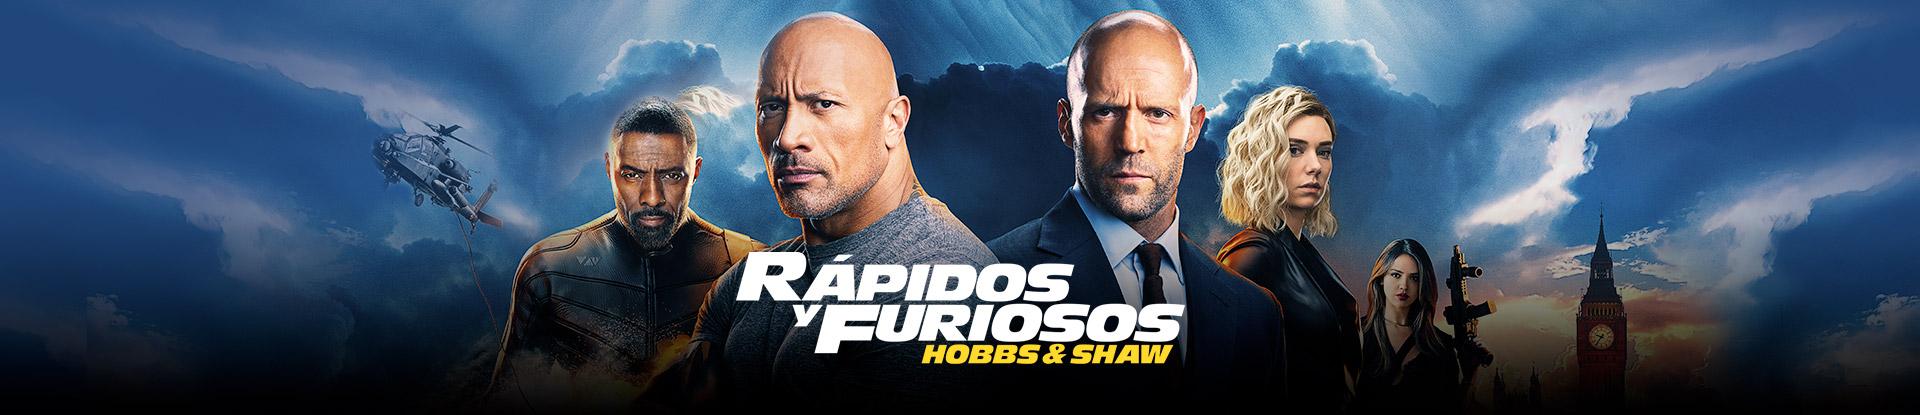 Rápidos y Furiosos Hobbs and Shaw